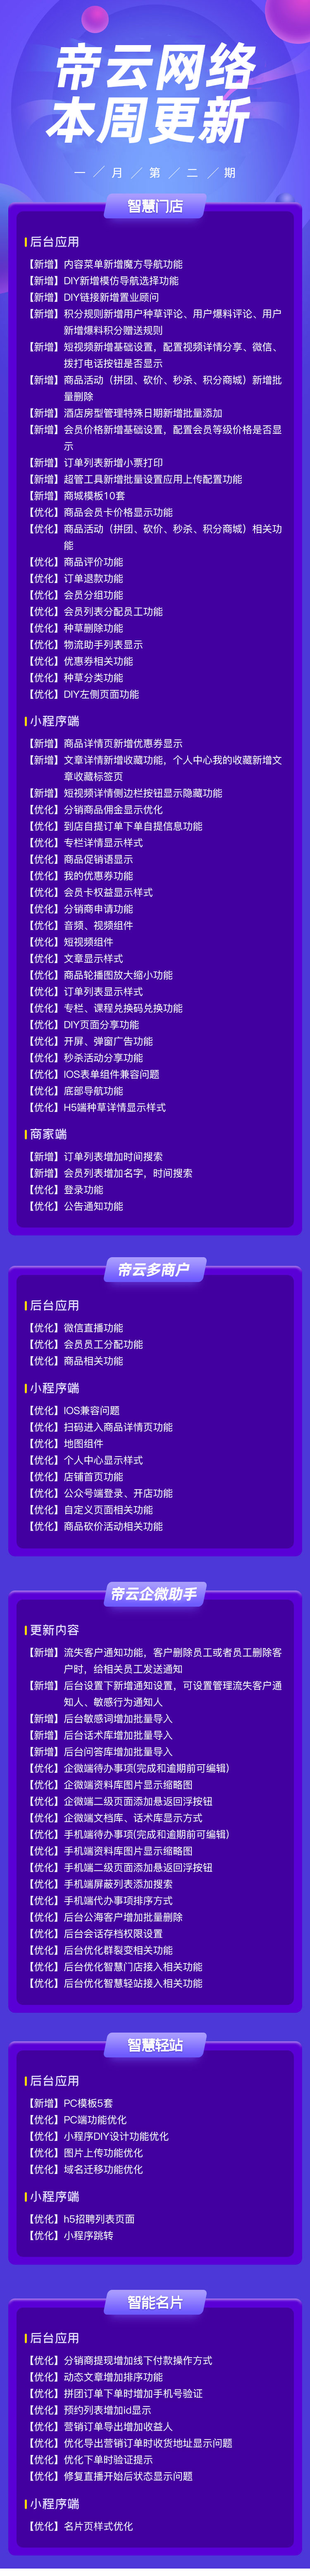 帝云商城系统2021年1月第二期更新内容